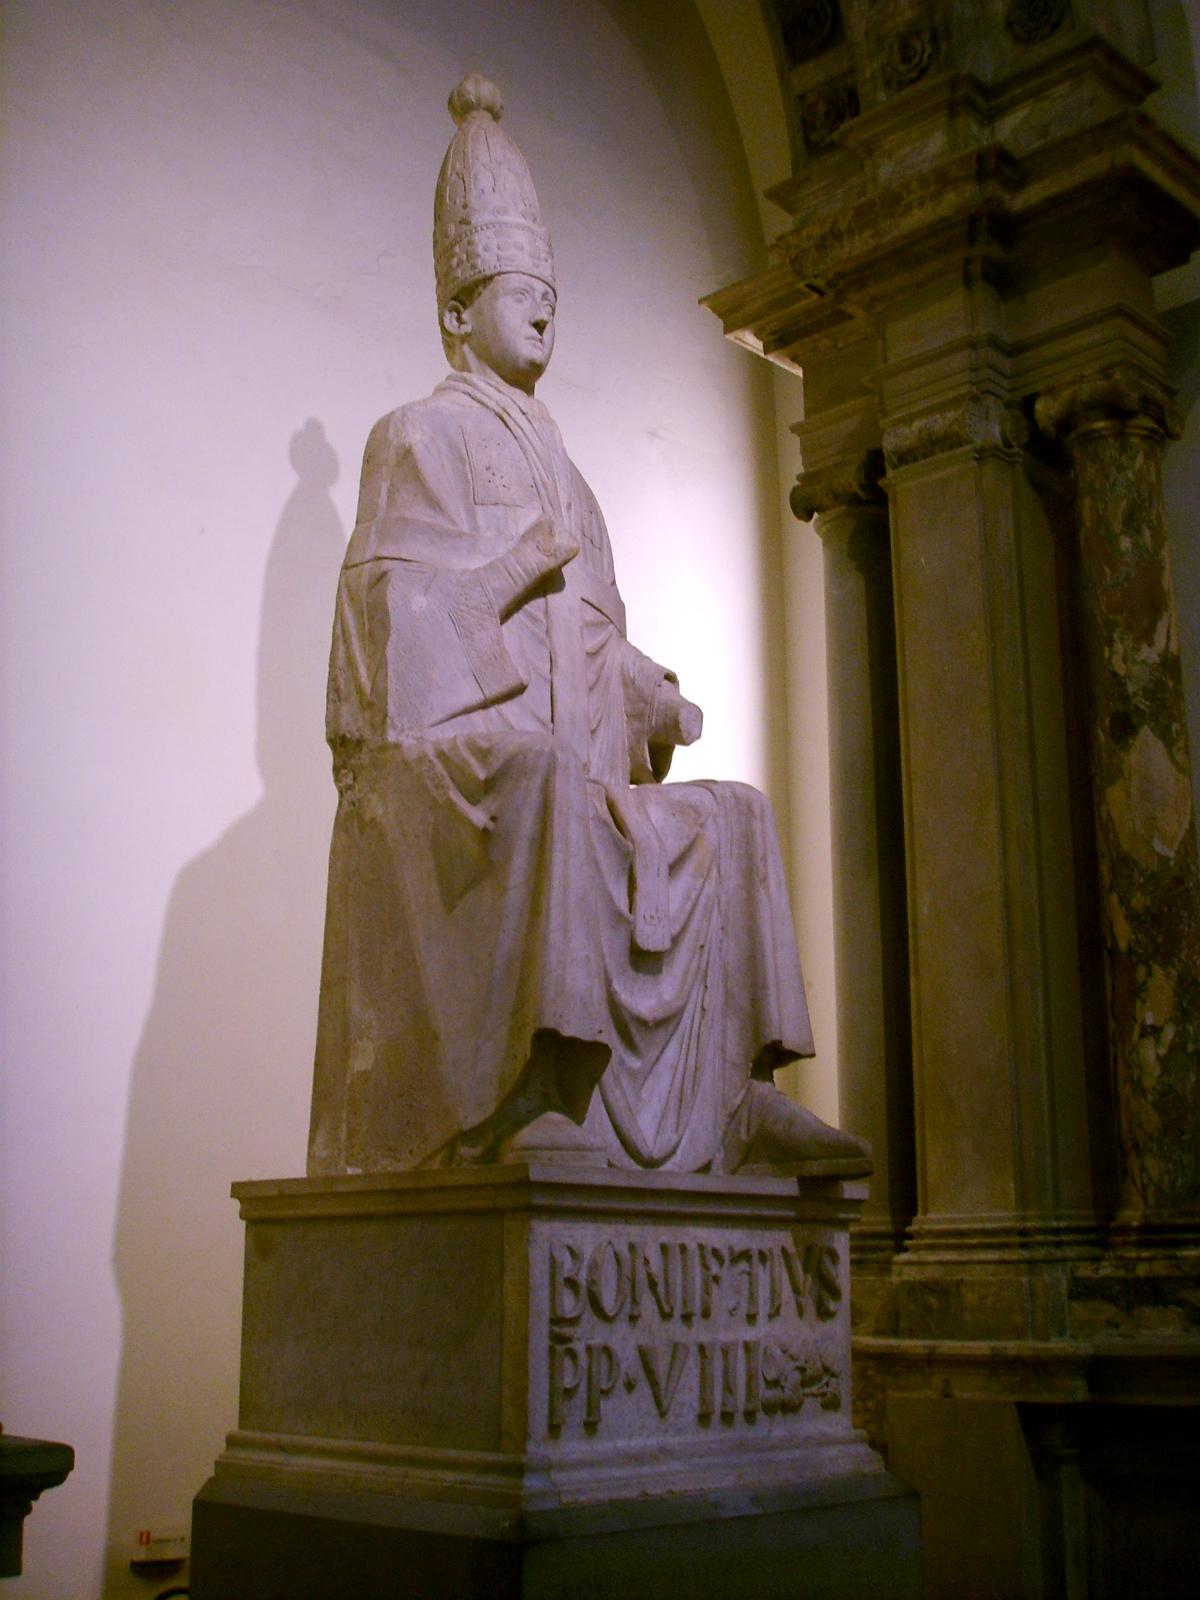 http://upload.wikimedia.org/wikipedia/commons/9/92/Opera_del_duomo_(FI),_arnolfo_di_cambio,_Bonifacio_VIII_,_1298_circa,_02.JPG